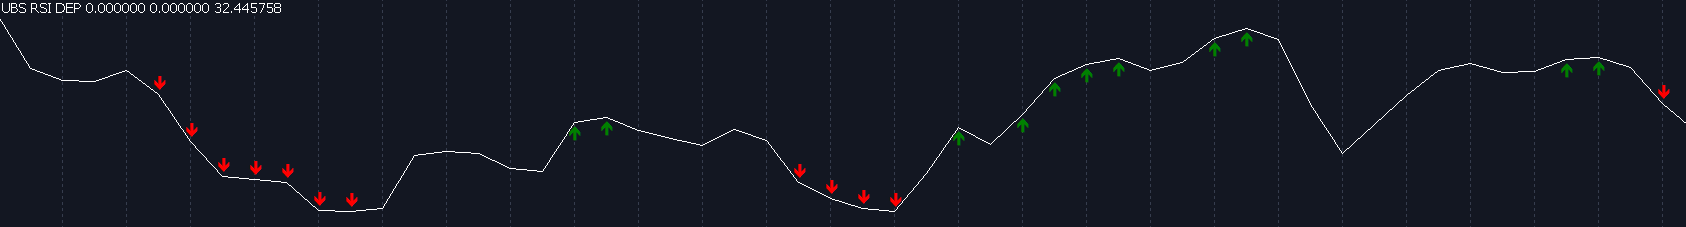 Relative Strength Index RSI Indicator MetaTrader Ultimate Breakout